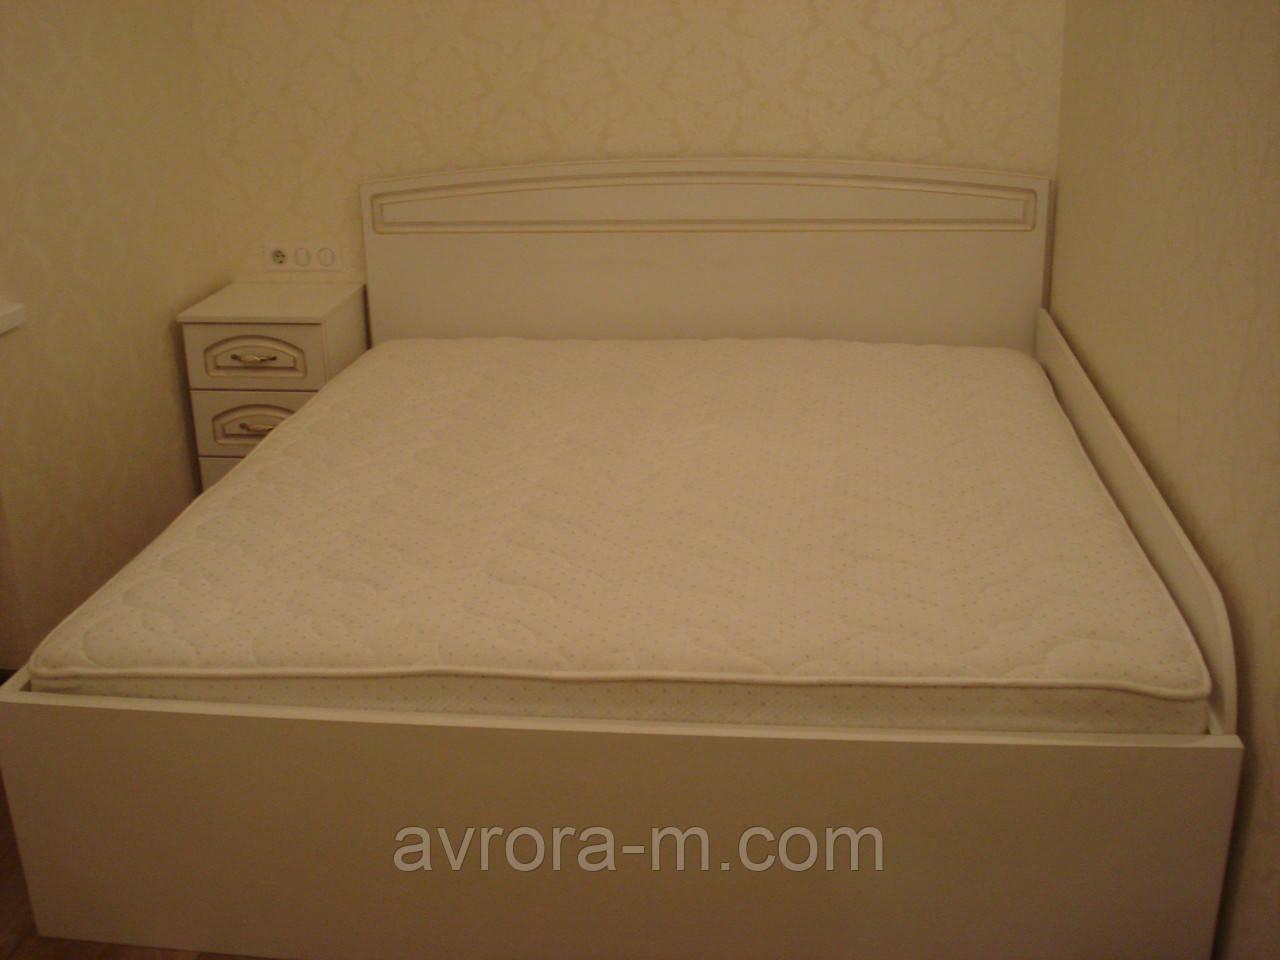 Мебель для спальни: кровать, тумба, комод